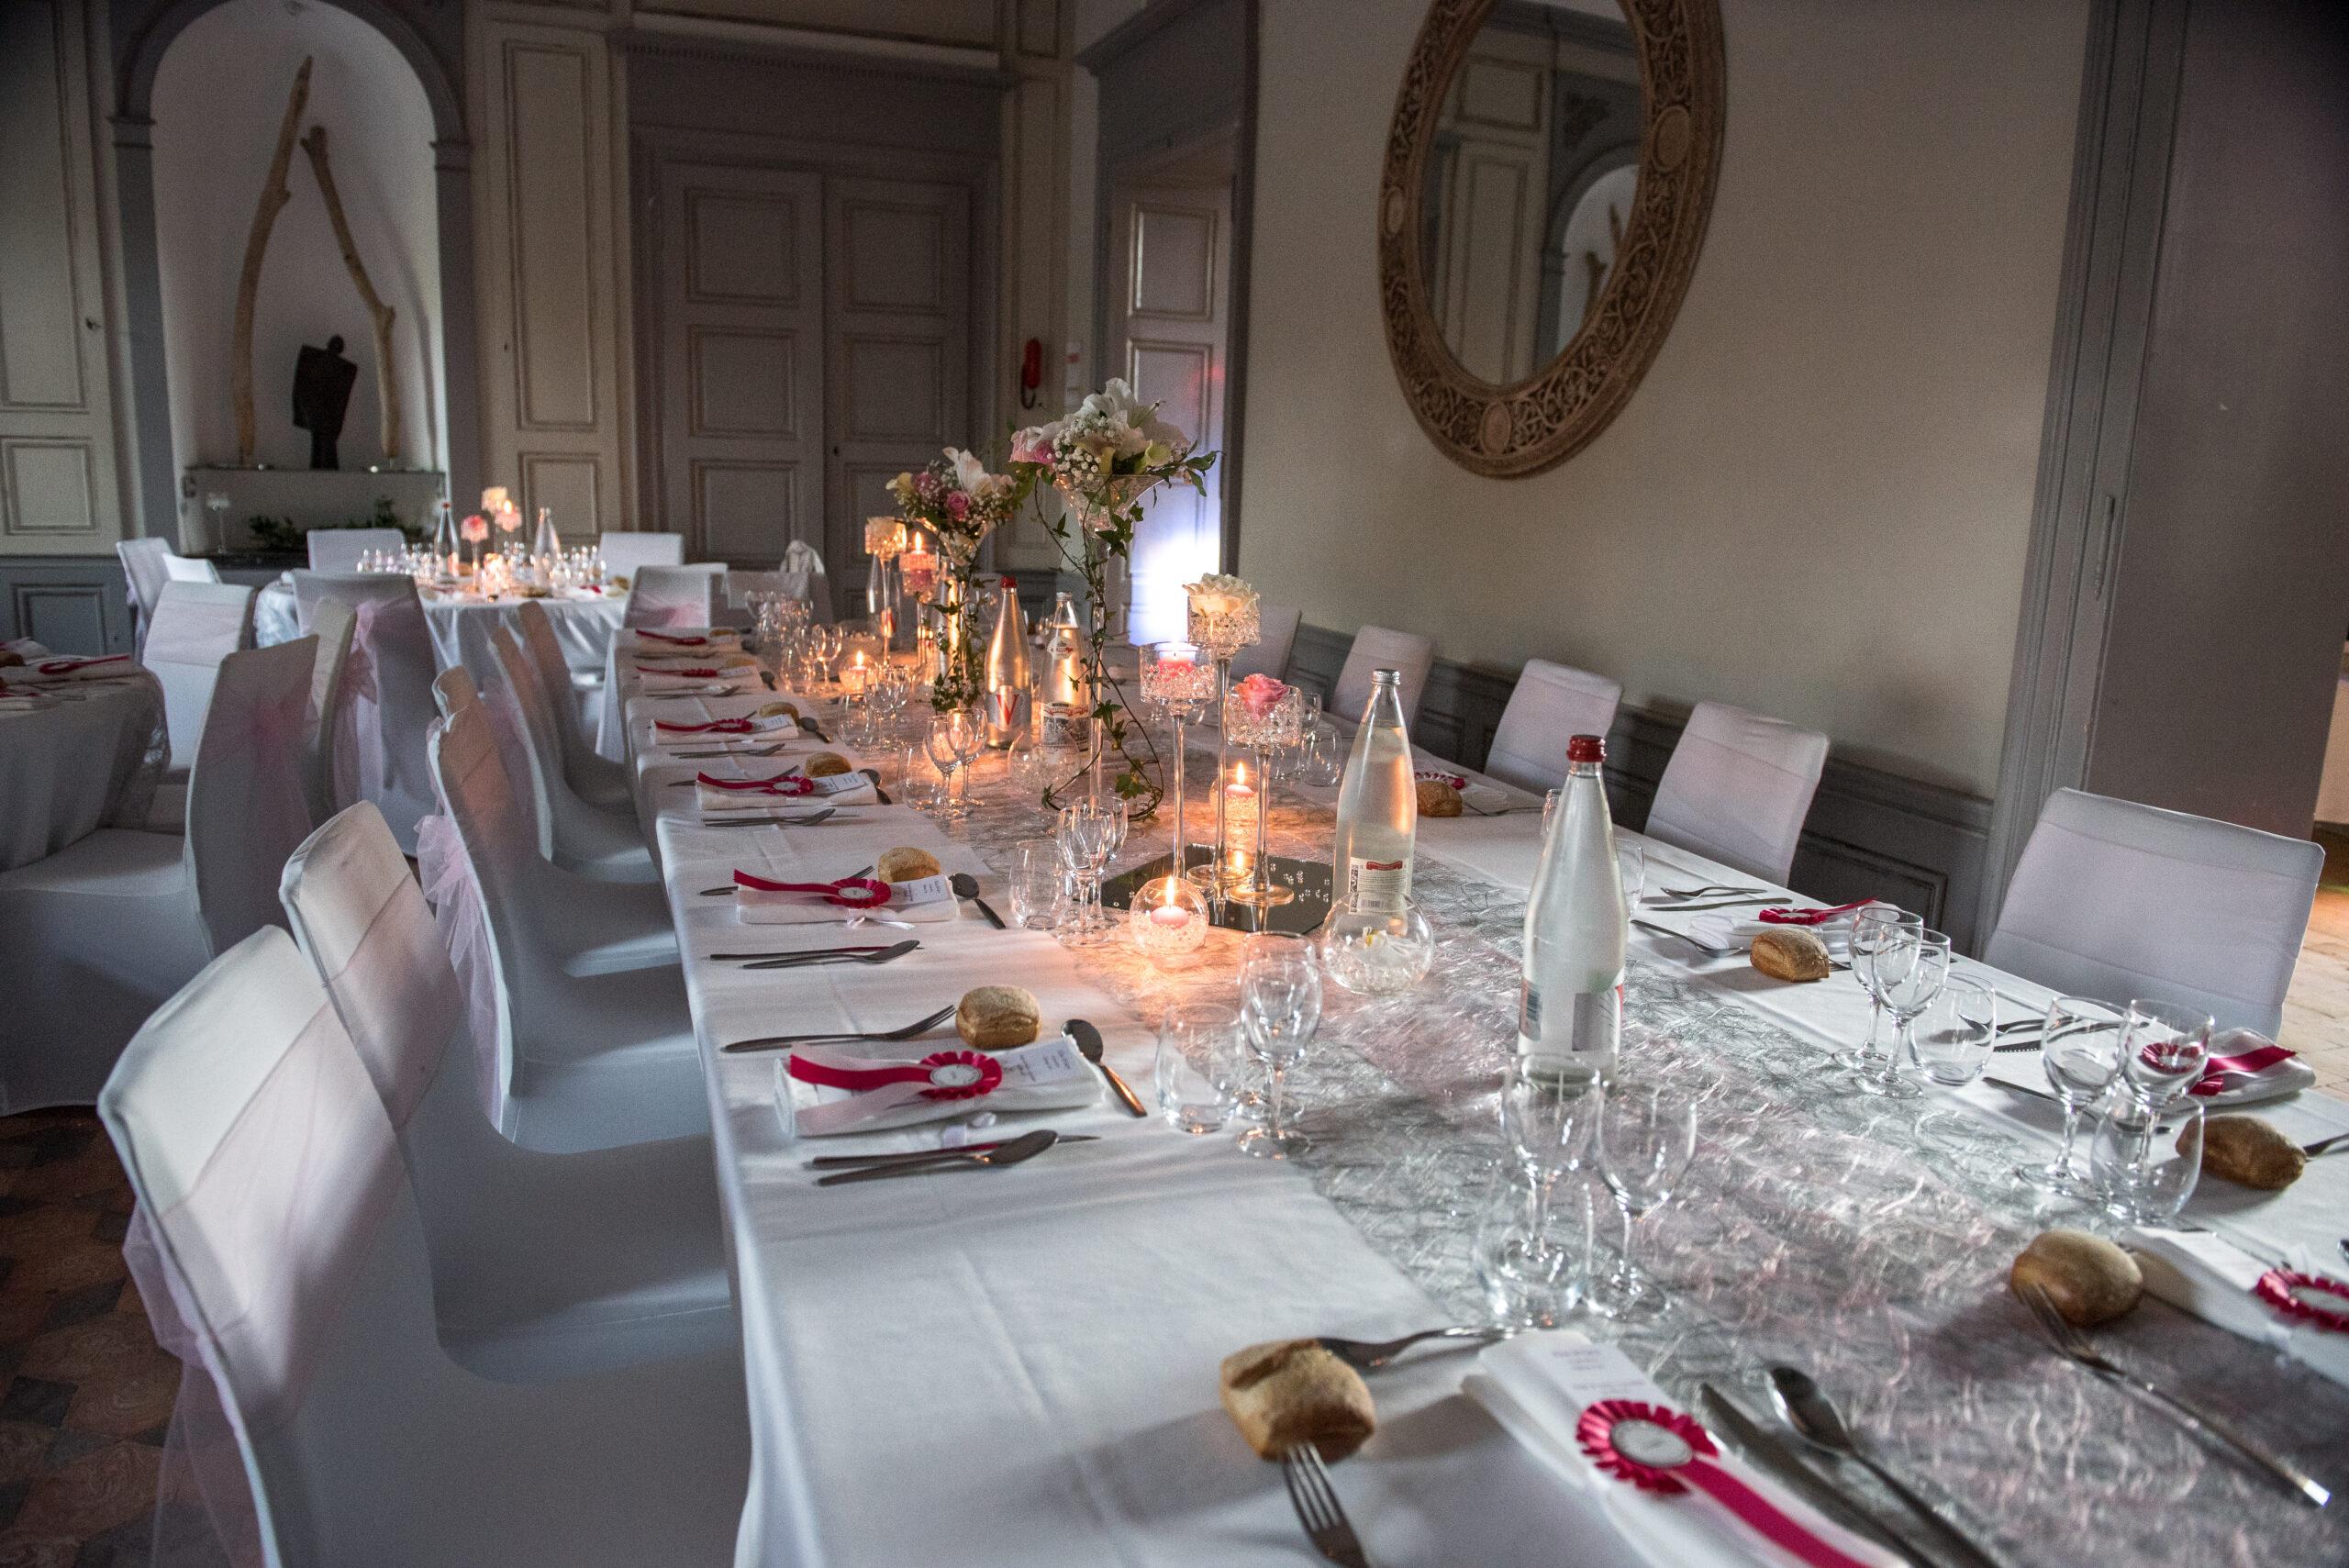 Décoration de table avec fleurs, bougies pour un mariage dans le Beaujolais avec pour animatrice Djette Svetlana, Dj de Dj Art Song Production